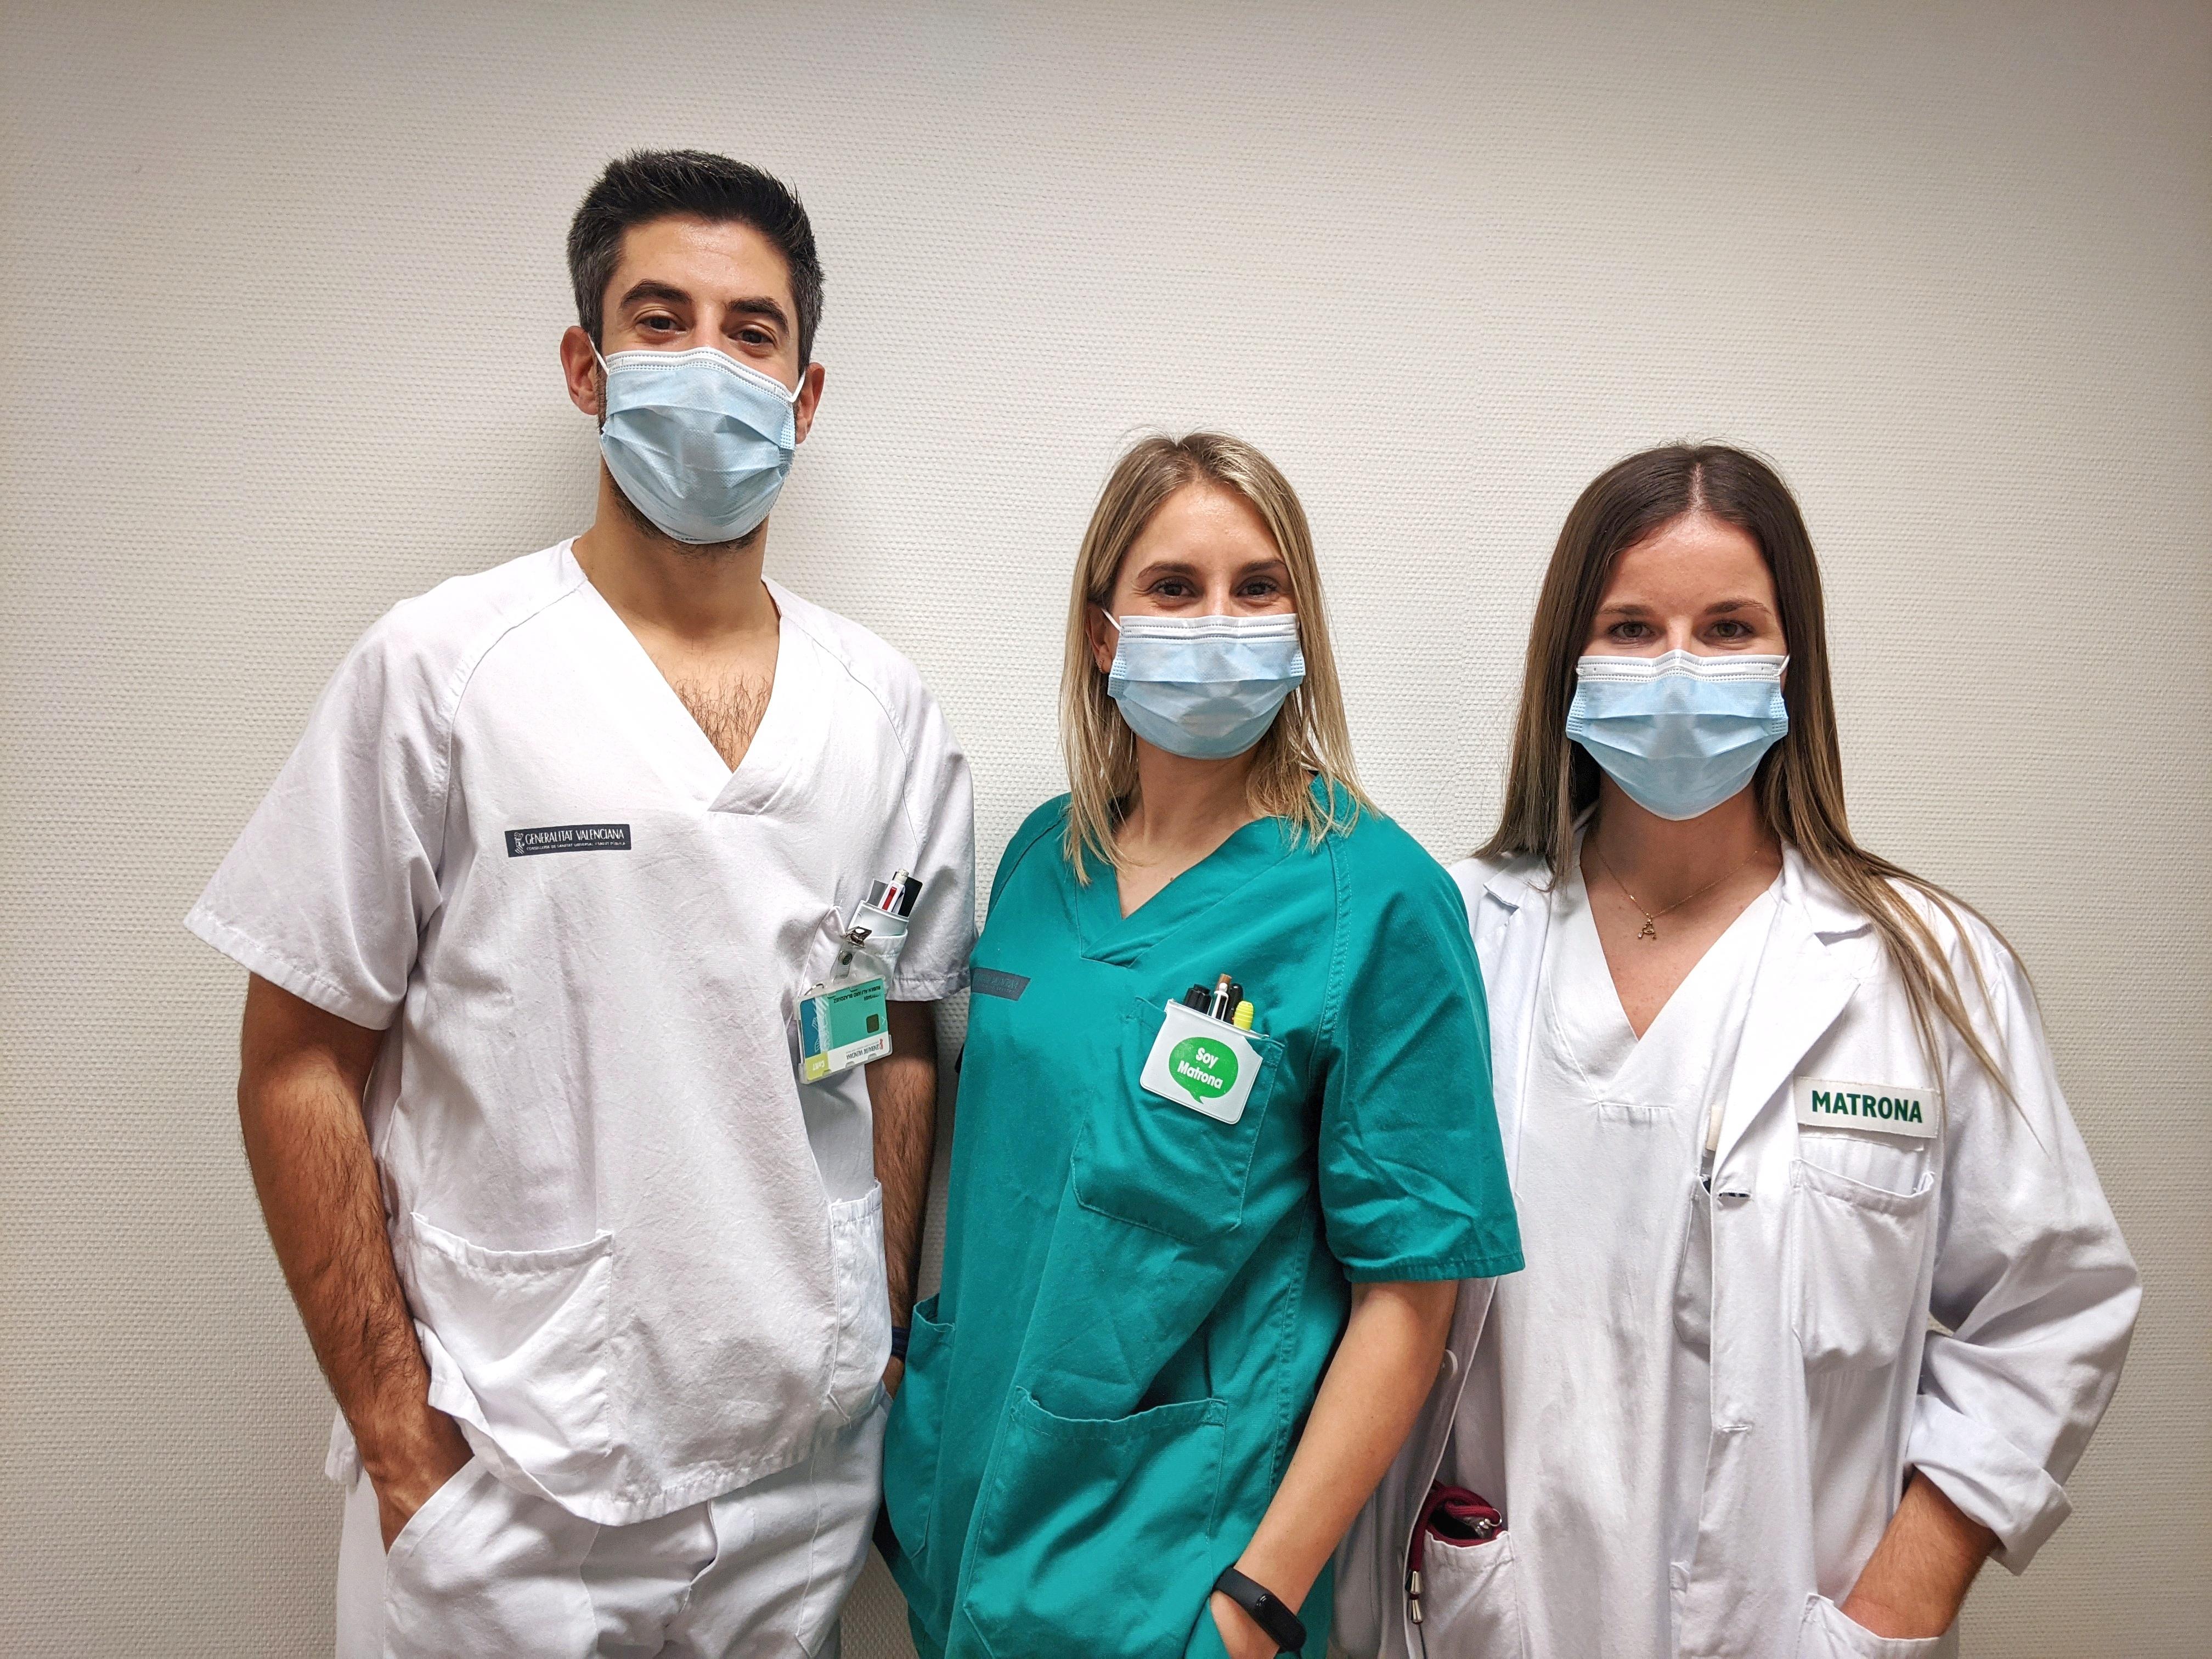 """Comares de l""""Hospital La Fe reflecteixen la importància del maneig de l""""estrés i de la por durant els parts de dones infectades amb COVID-19"""